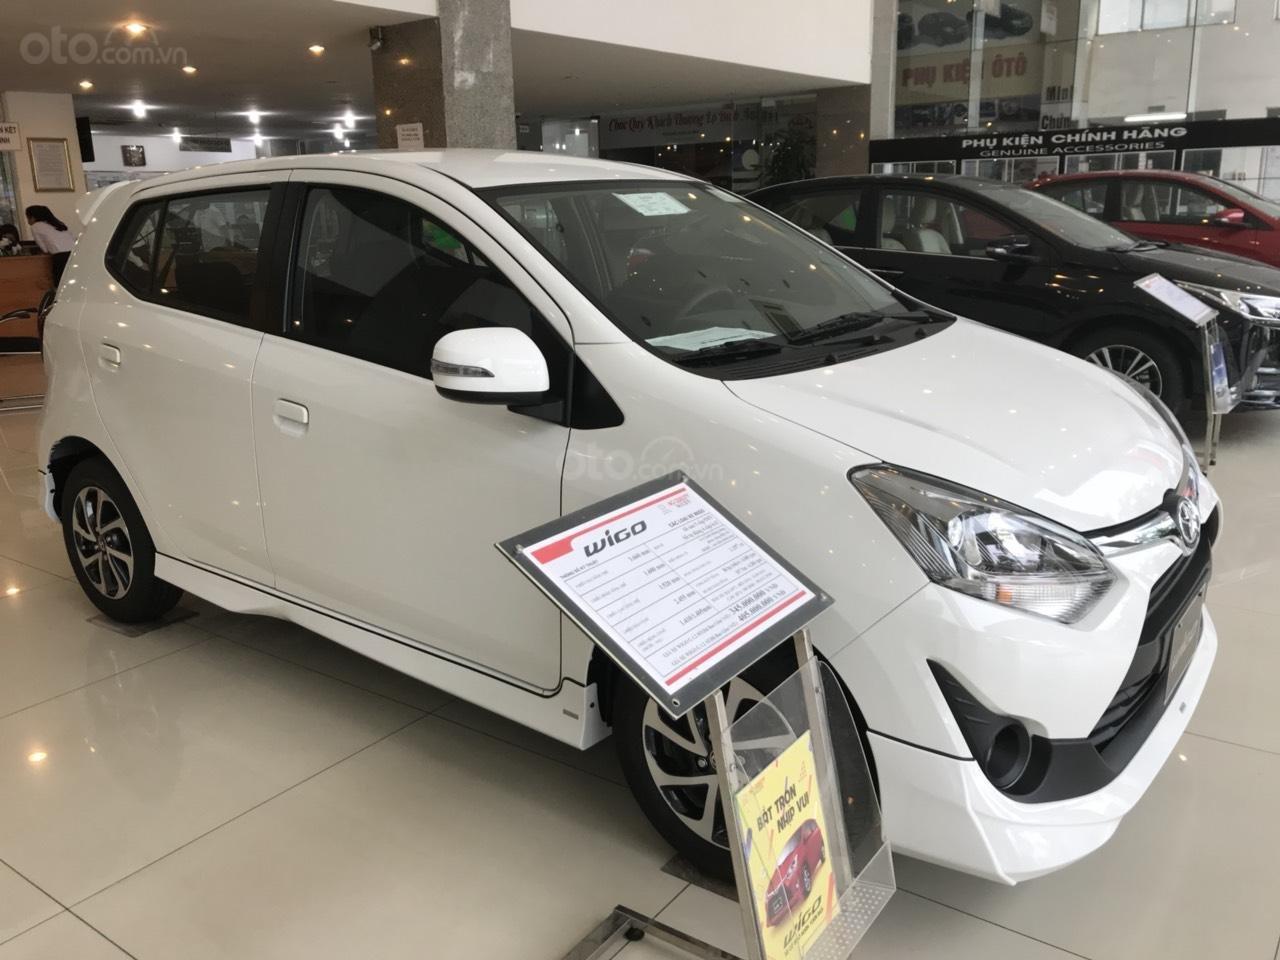 Toyota Vinh-Nghệ An-Hotline: 0904.72.52.66 bán xe Wigo tự động giá rẻ nhất Nghệ An, trả góp lãi suất từ 0% (5)